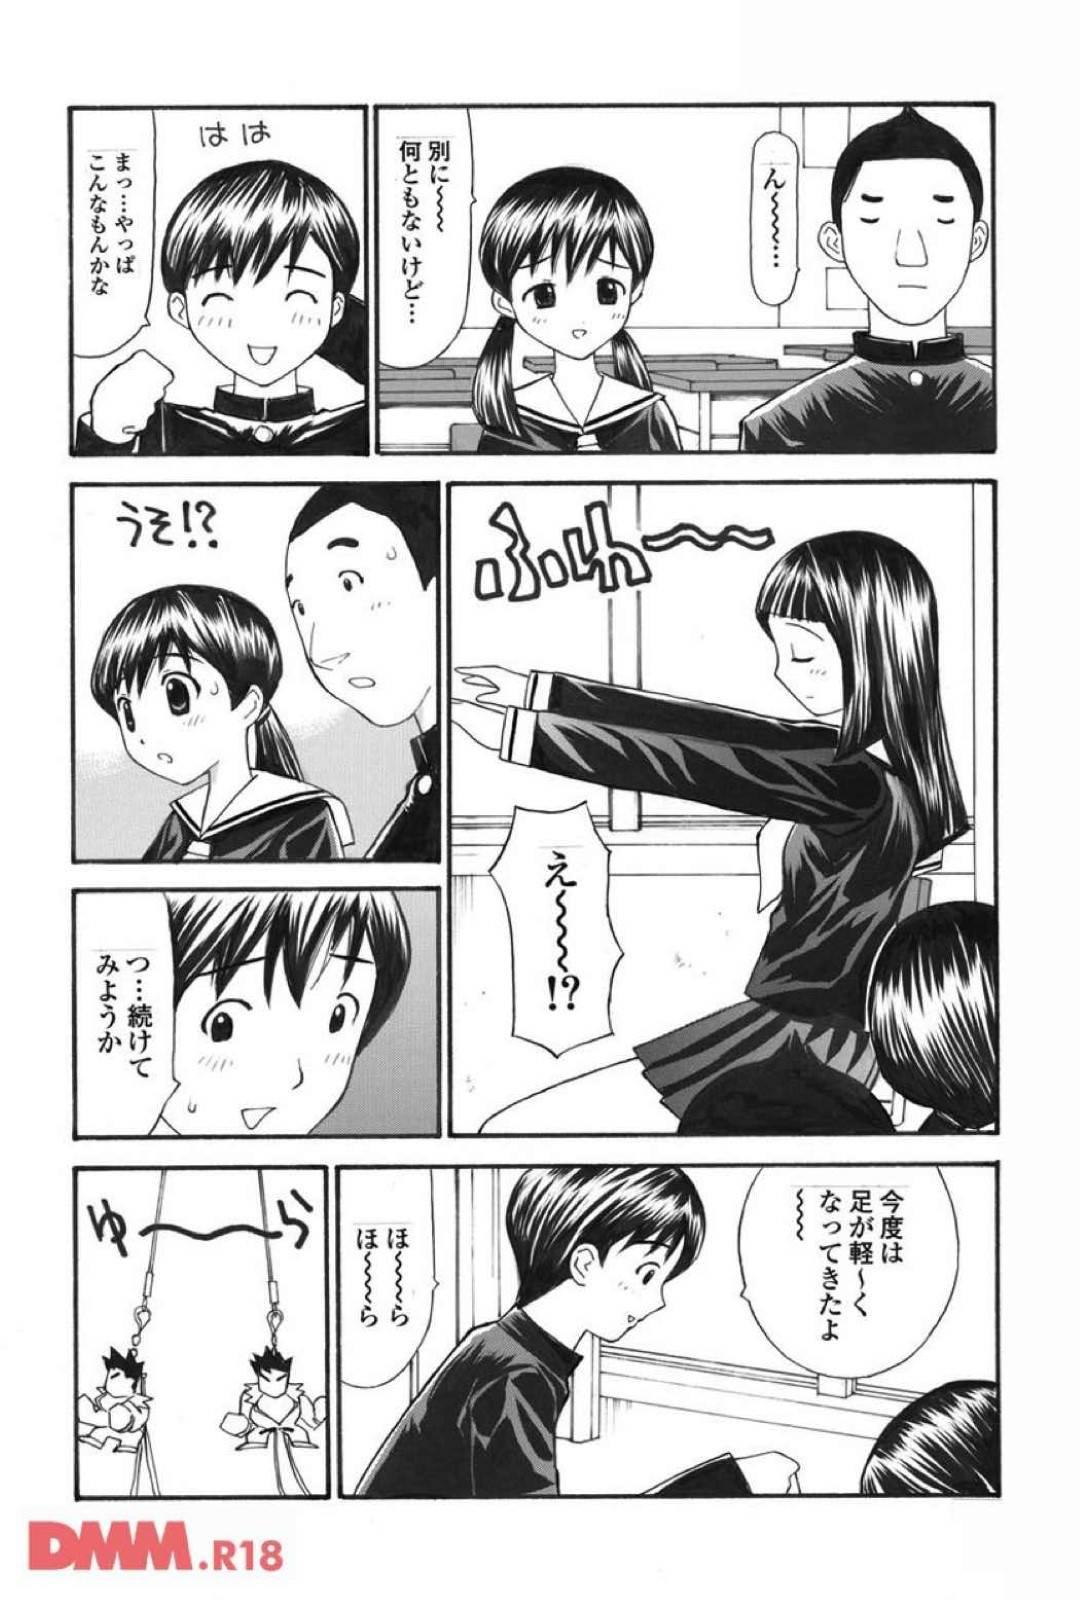 【JK催眠乱交エロ漫画】友人が催眠術にかかりフェラをさせると、それを見て興奮した友人達は乱交中出しセックス【すけきよ】